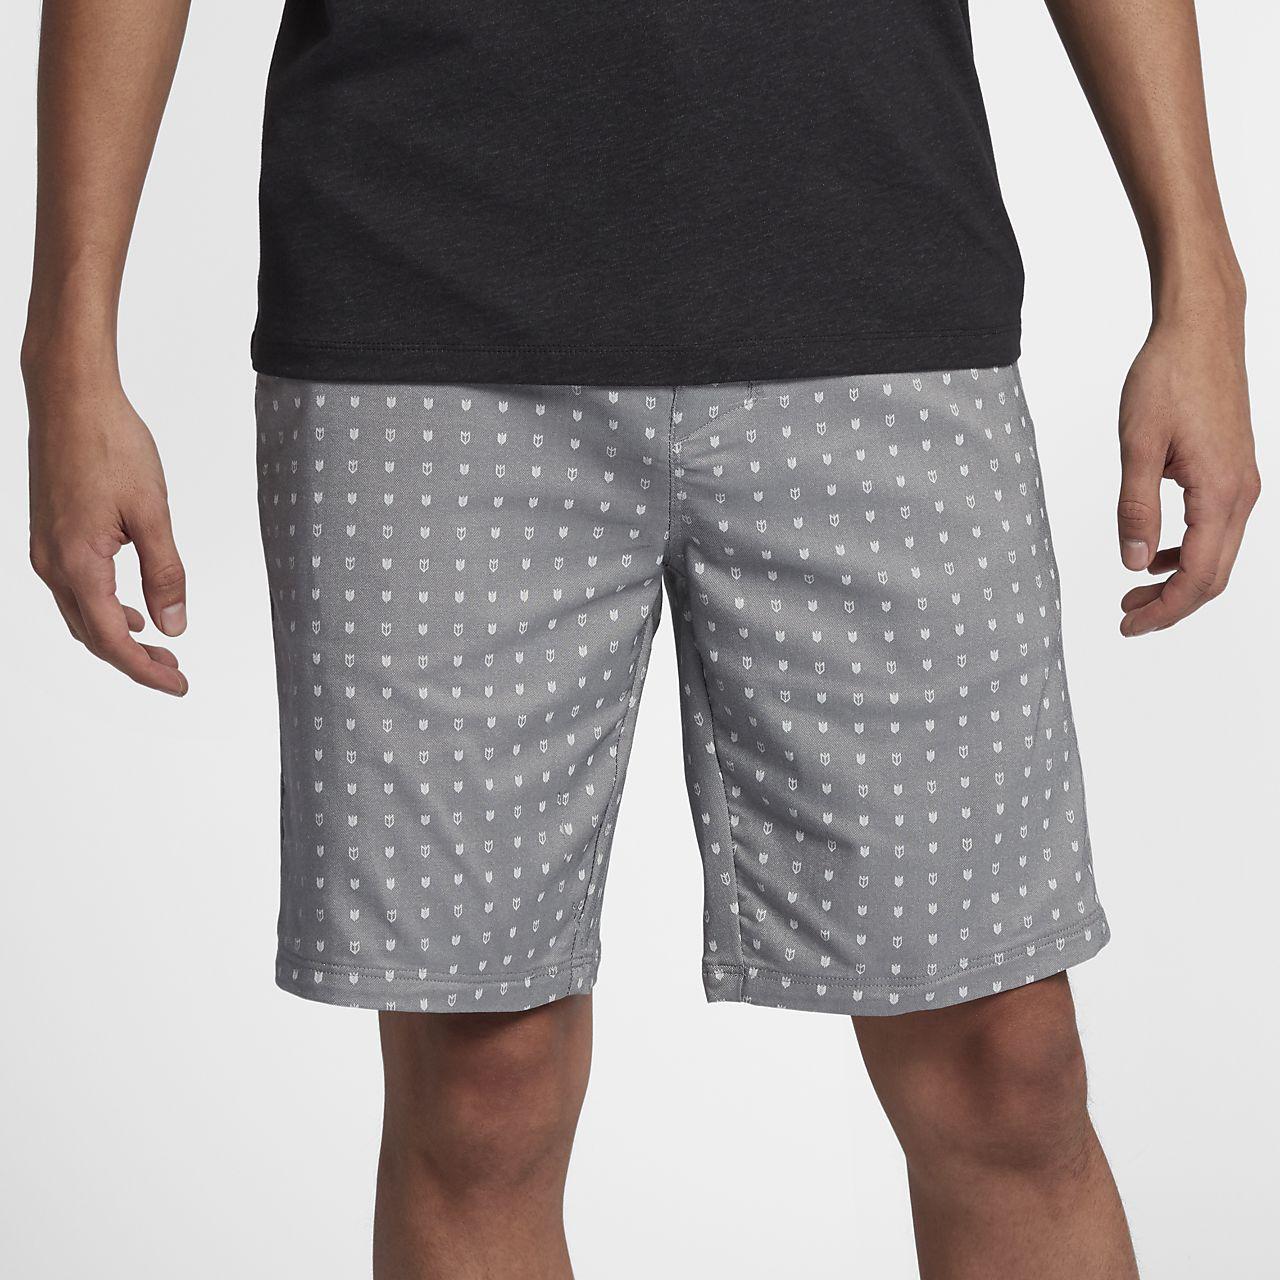 ... Shorts 48,5 cm Hurley Dri-FIT JJF x Sig Zane - Uomo